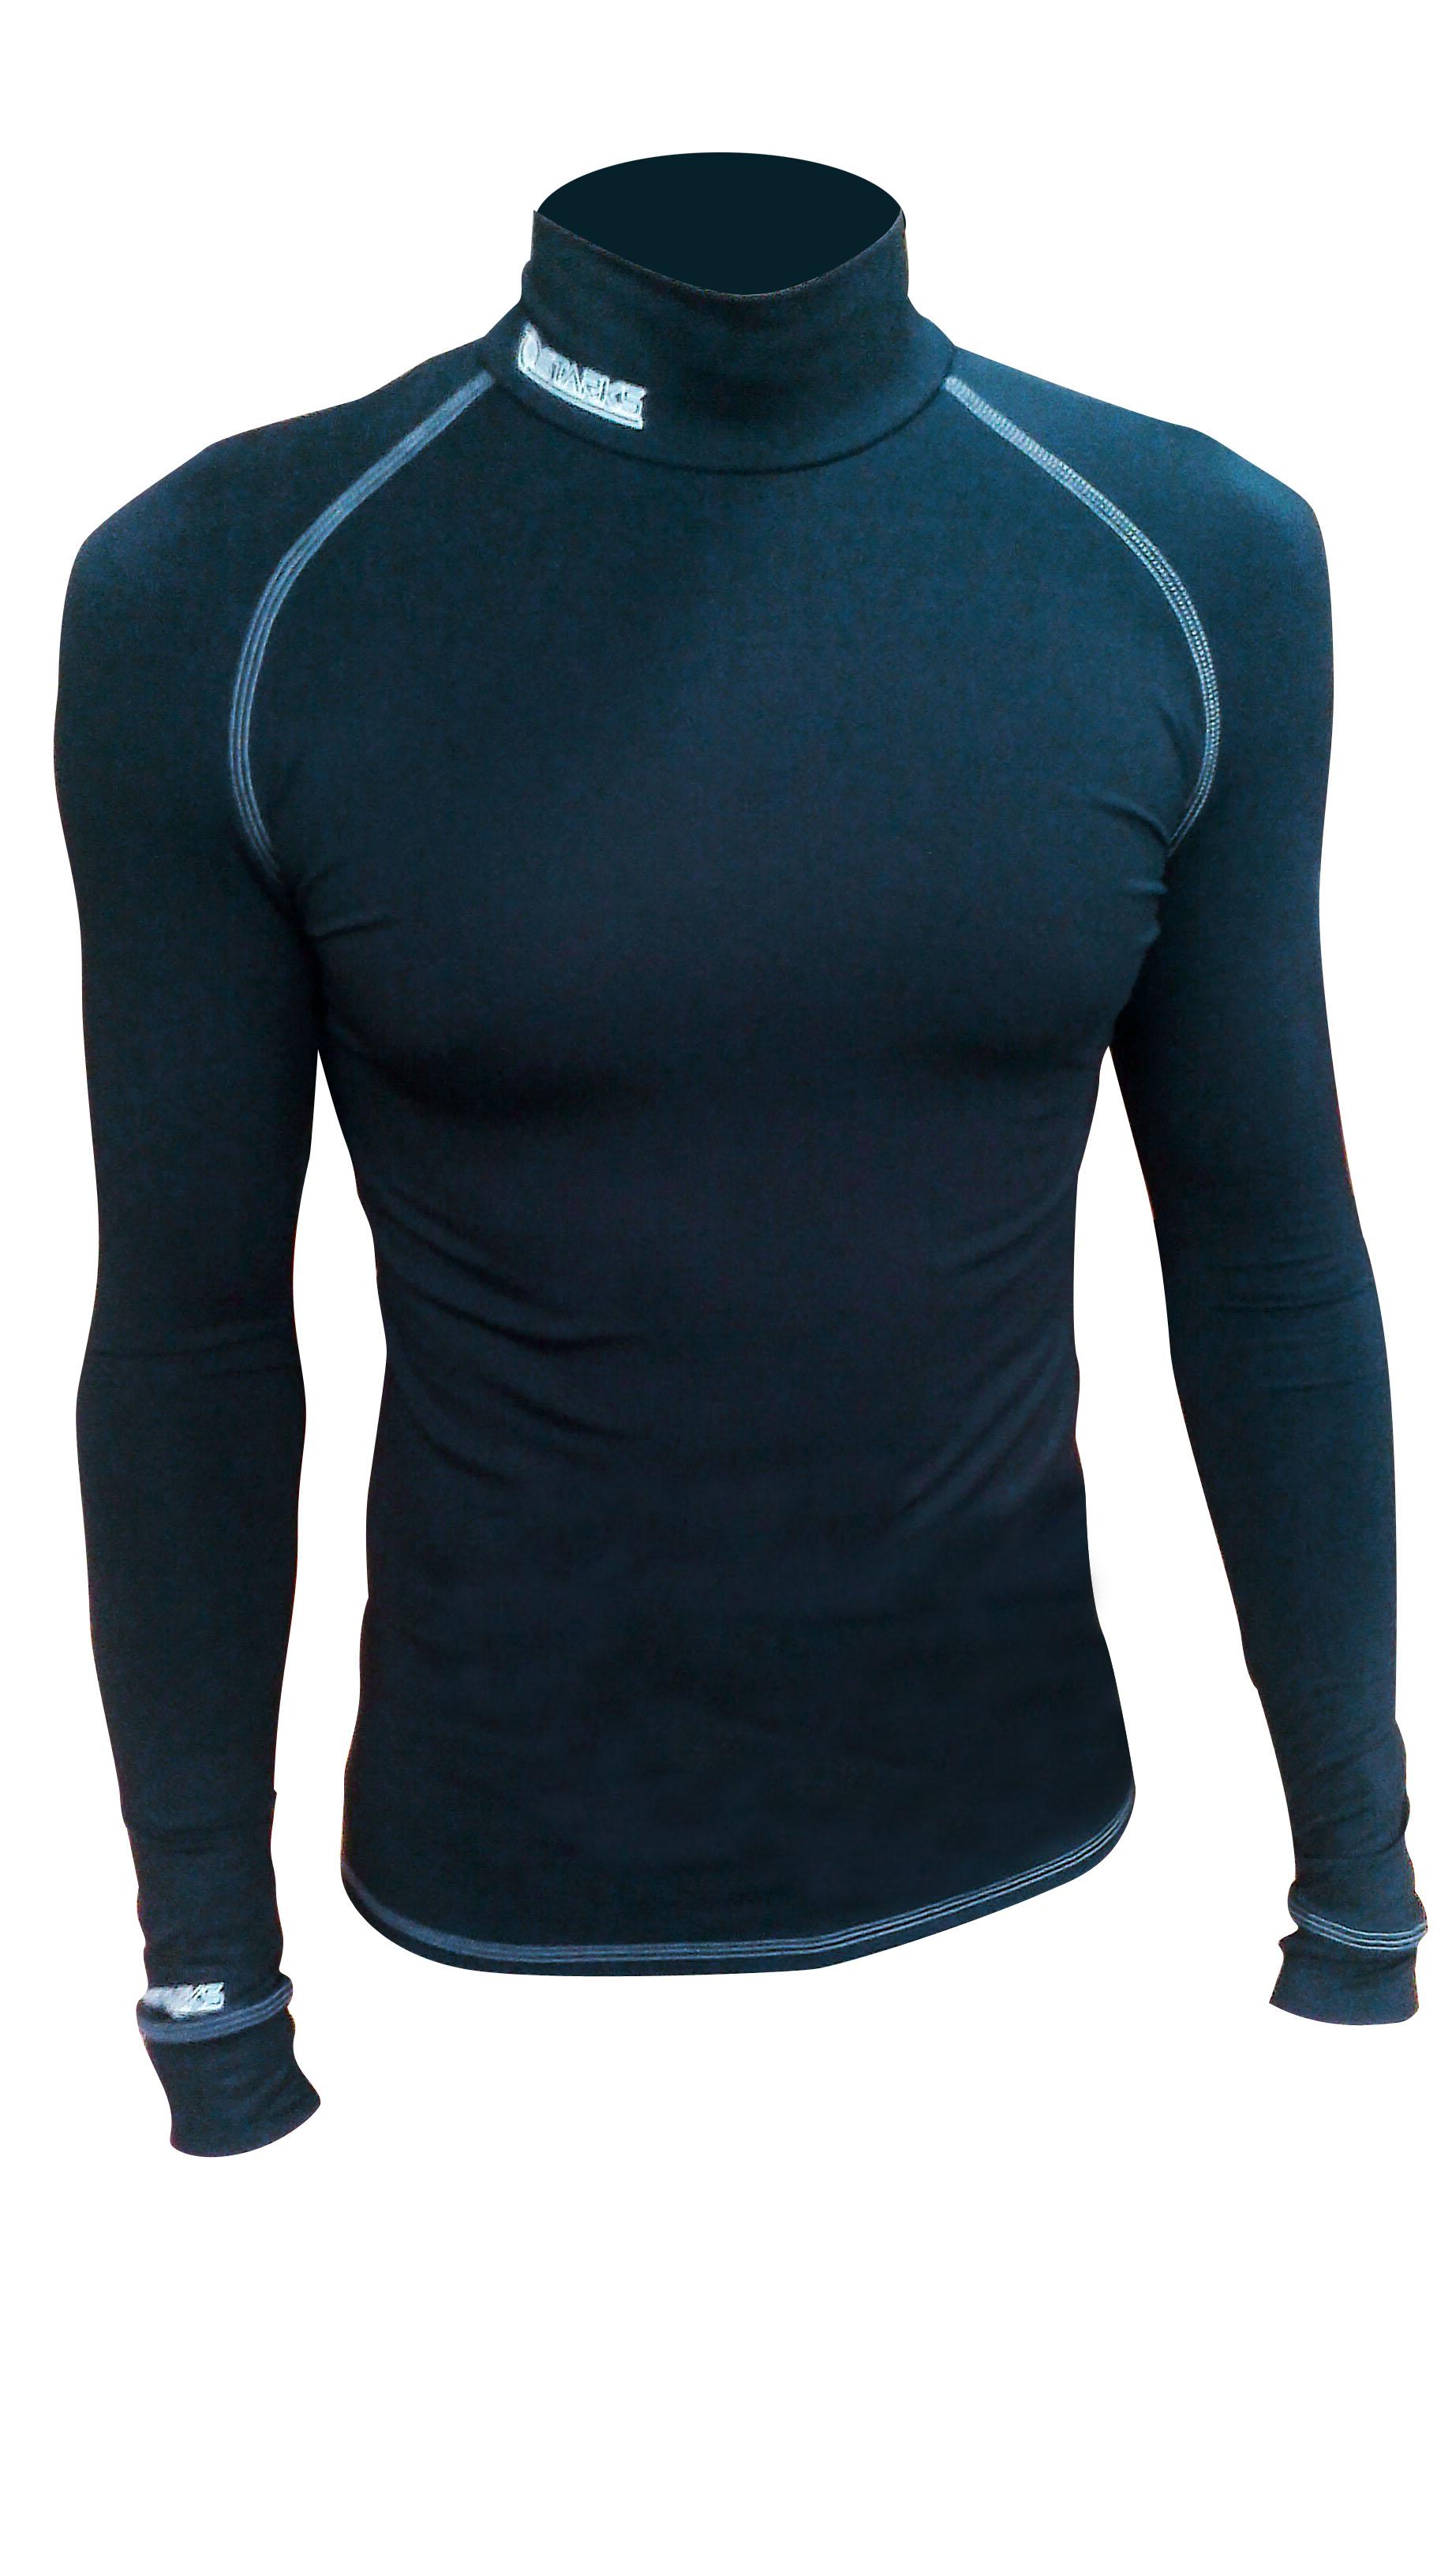 Термобелье кофта мужская Starks Warm, зимняя, цвет: черный. ЛЦ0018. Размер Lone116Анатомическое термобелье Starks Warm, выполнено из европейской сертифицированной ткани PolarStretch. Высокие эластичные свойства материала позволяют белью максимально повторять индивидуальную анатомию тела, эффект второй кожи. Термокофта имеет отличные влагоотводящие свойства, что позволяет телу оставаться сухим. Высокие термоизоляционные свойства, позволяют исключить переохлаждение или перегрев. Воротник стойка обеспечивает защиту шеи от холода. Белье предназначено для активных физических нагрузок. Повседневное использование, в качестве демисезонного.Особенности:-Stop Bacteria.-Защита от перегрева или переохлаждения.-Эластичные, мягкие плоские швы.-Гипоаллергенно.Состав: 92% полиэстер, 8% эластан.